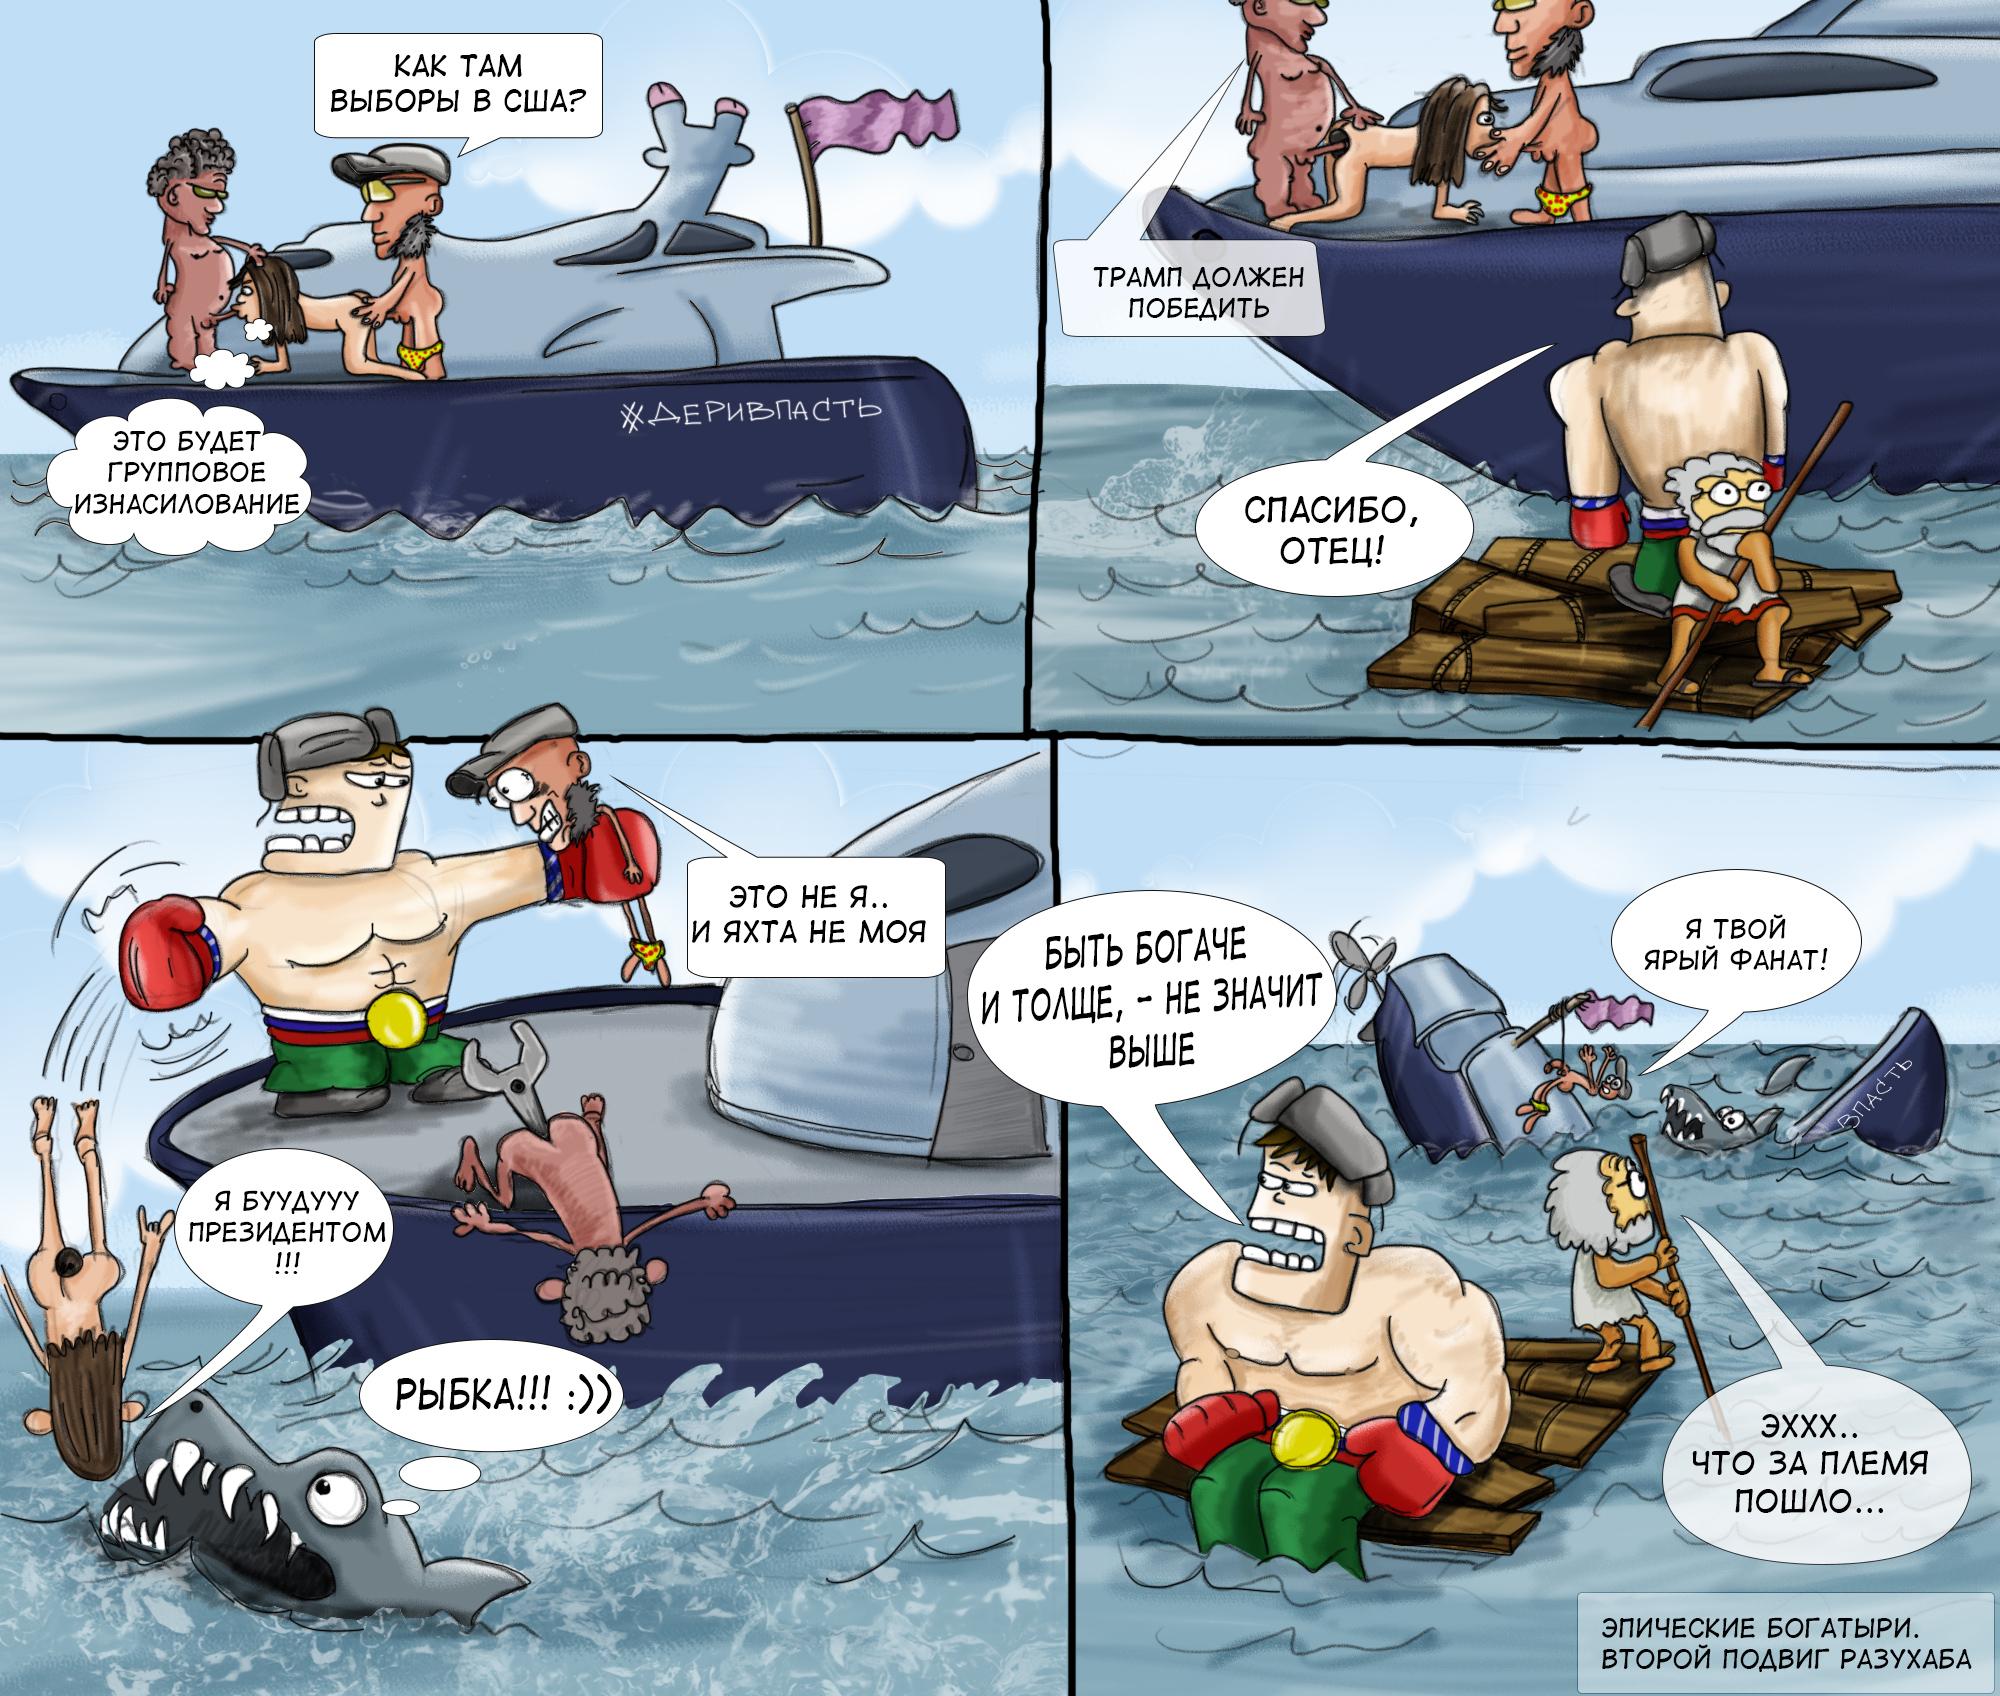 деривпасть, Дерипаска, Приходько, Настя Рыбка, комикс